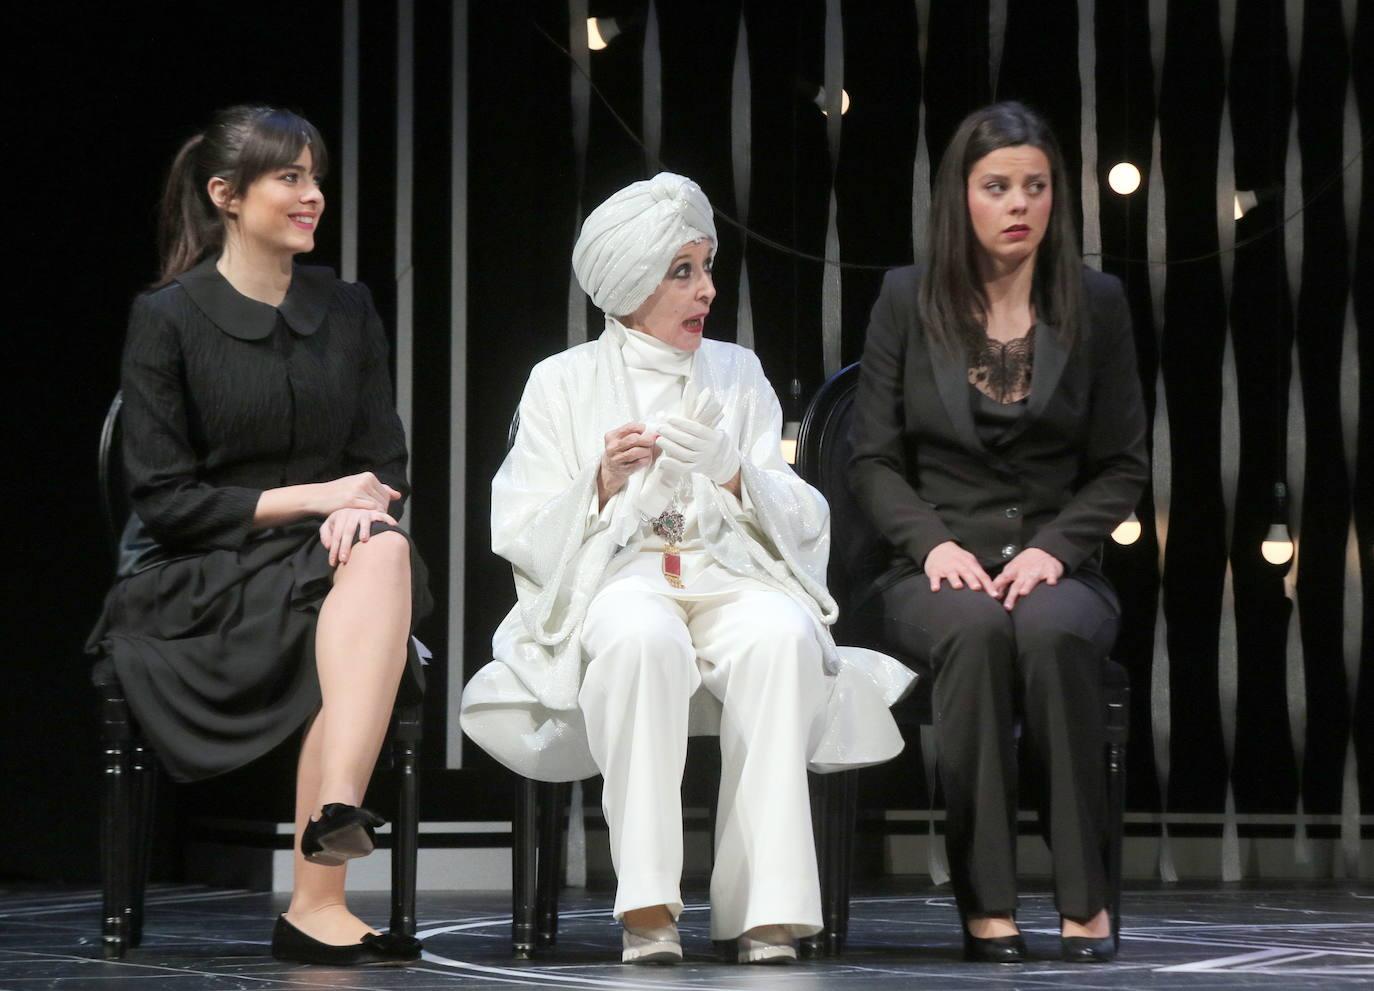 Concha Velasco protagonizará la obra 'El Funeral' los días 20 y 21 de septiembre en el Teatro Liceo